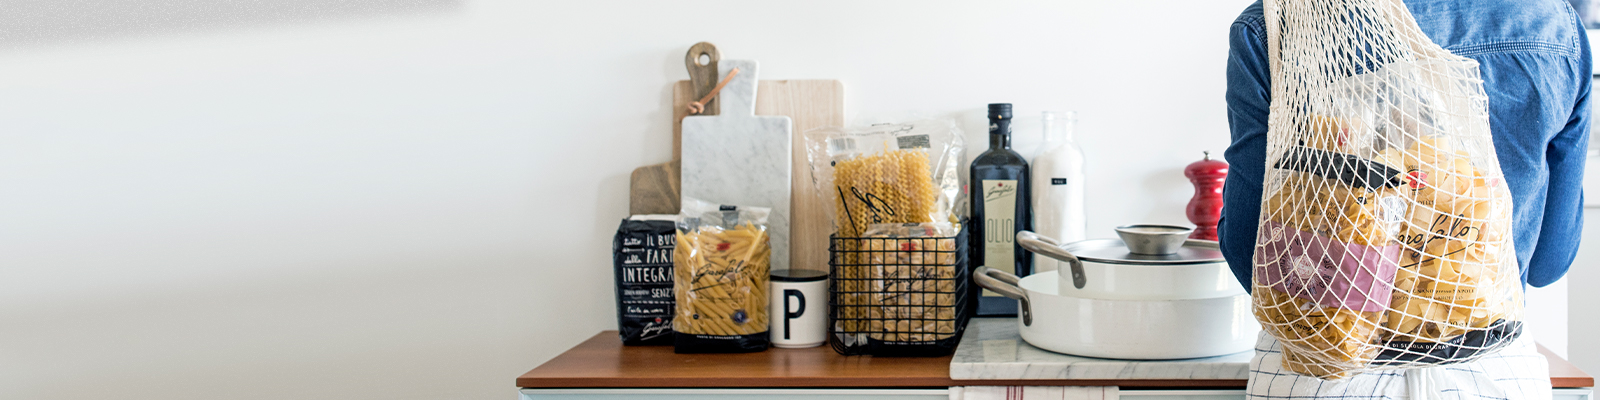 Pasta Garofalo - Vind Een Verkooppunt